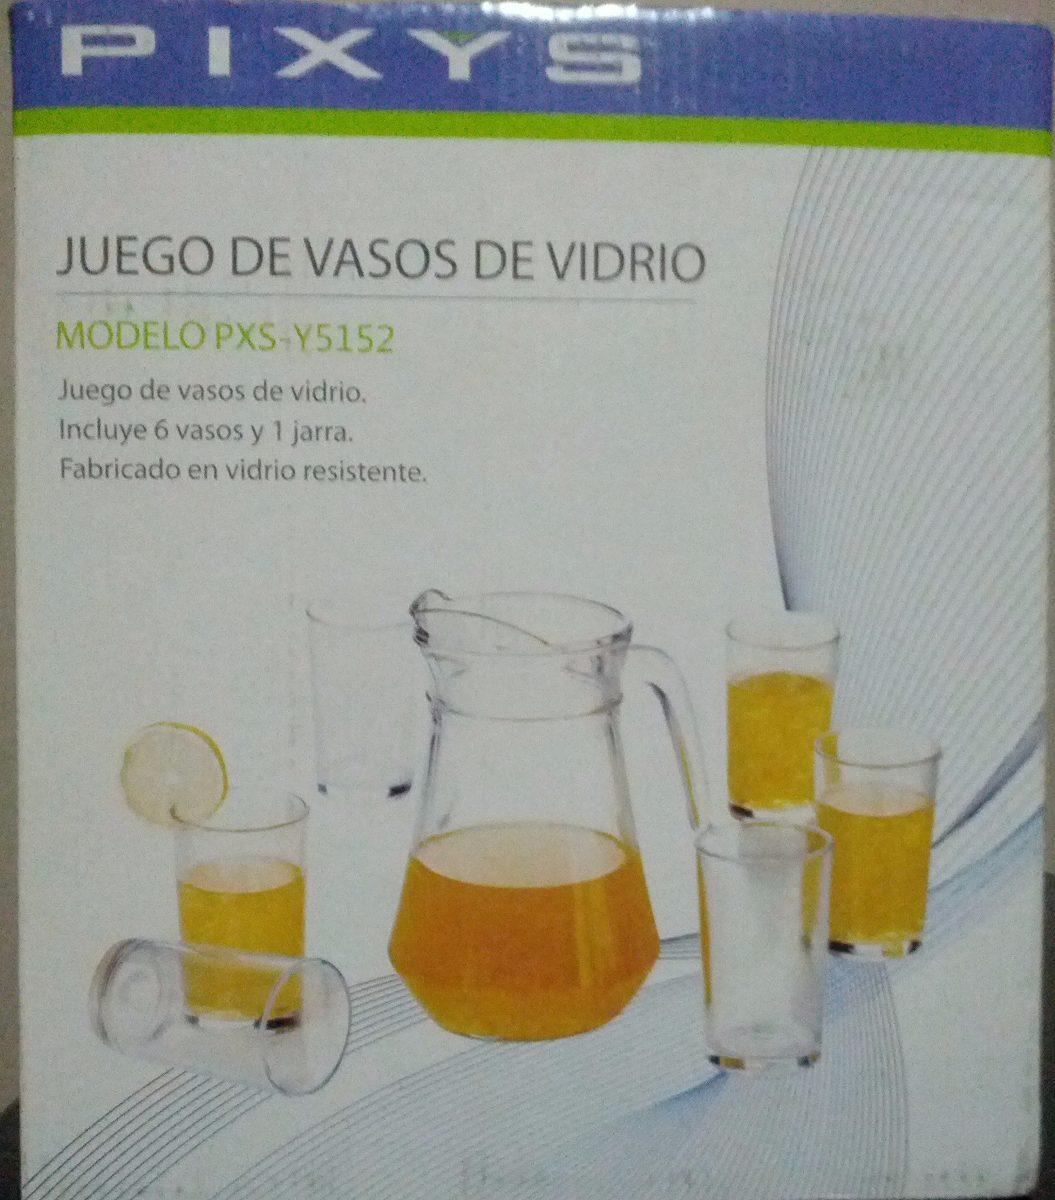 Juego De Vasos De Vidrio Pixys Bs 630 000 00 En Mercado Libre # Muebles Tiendas Pixys